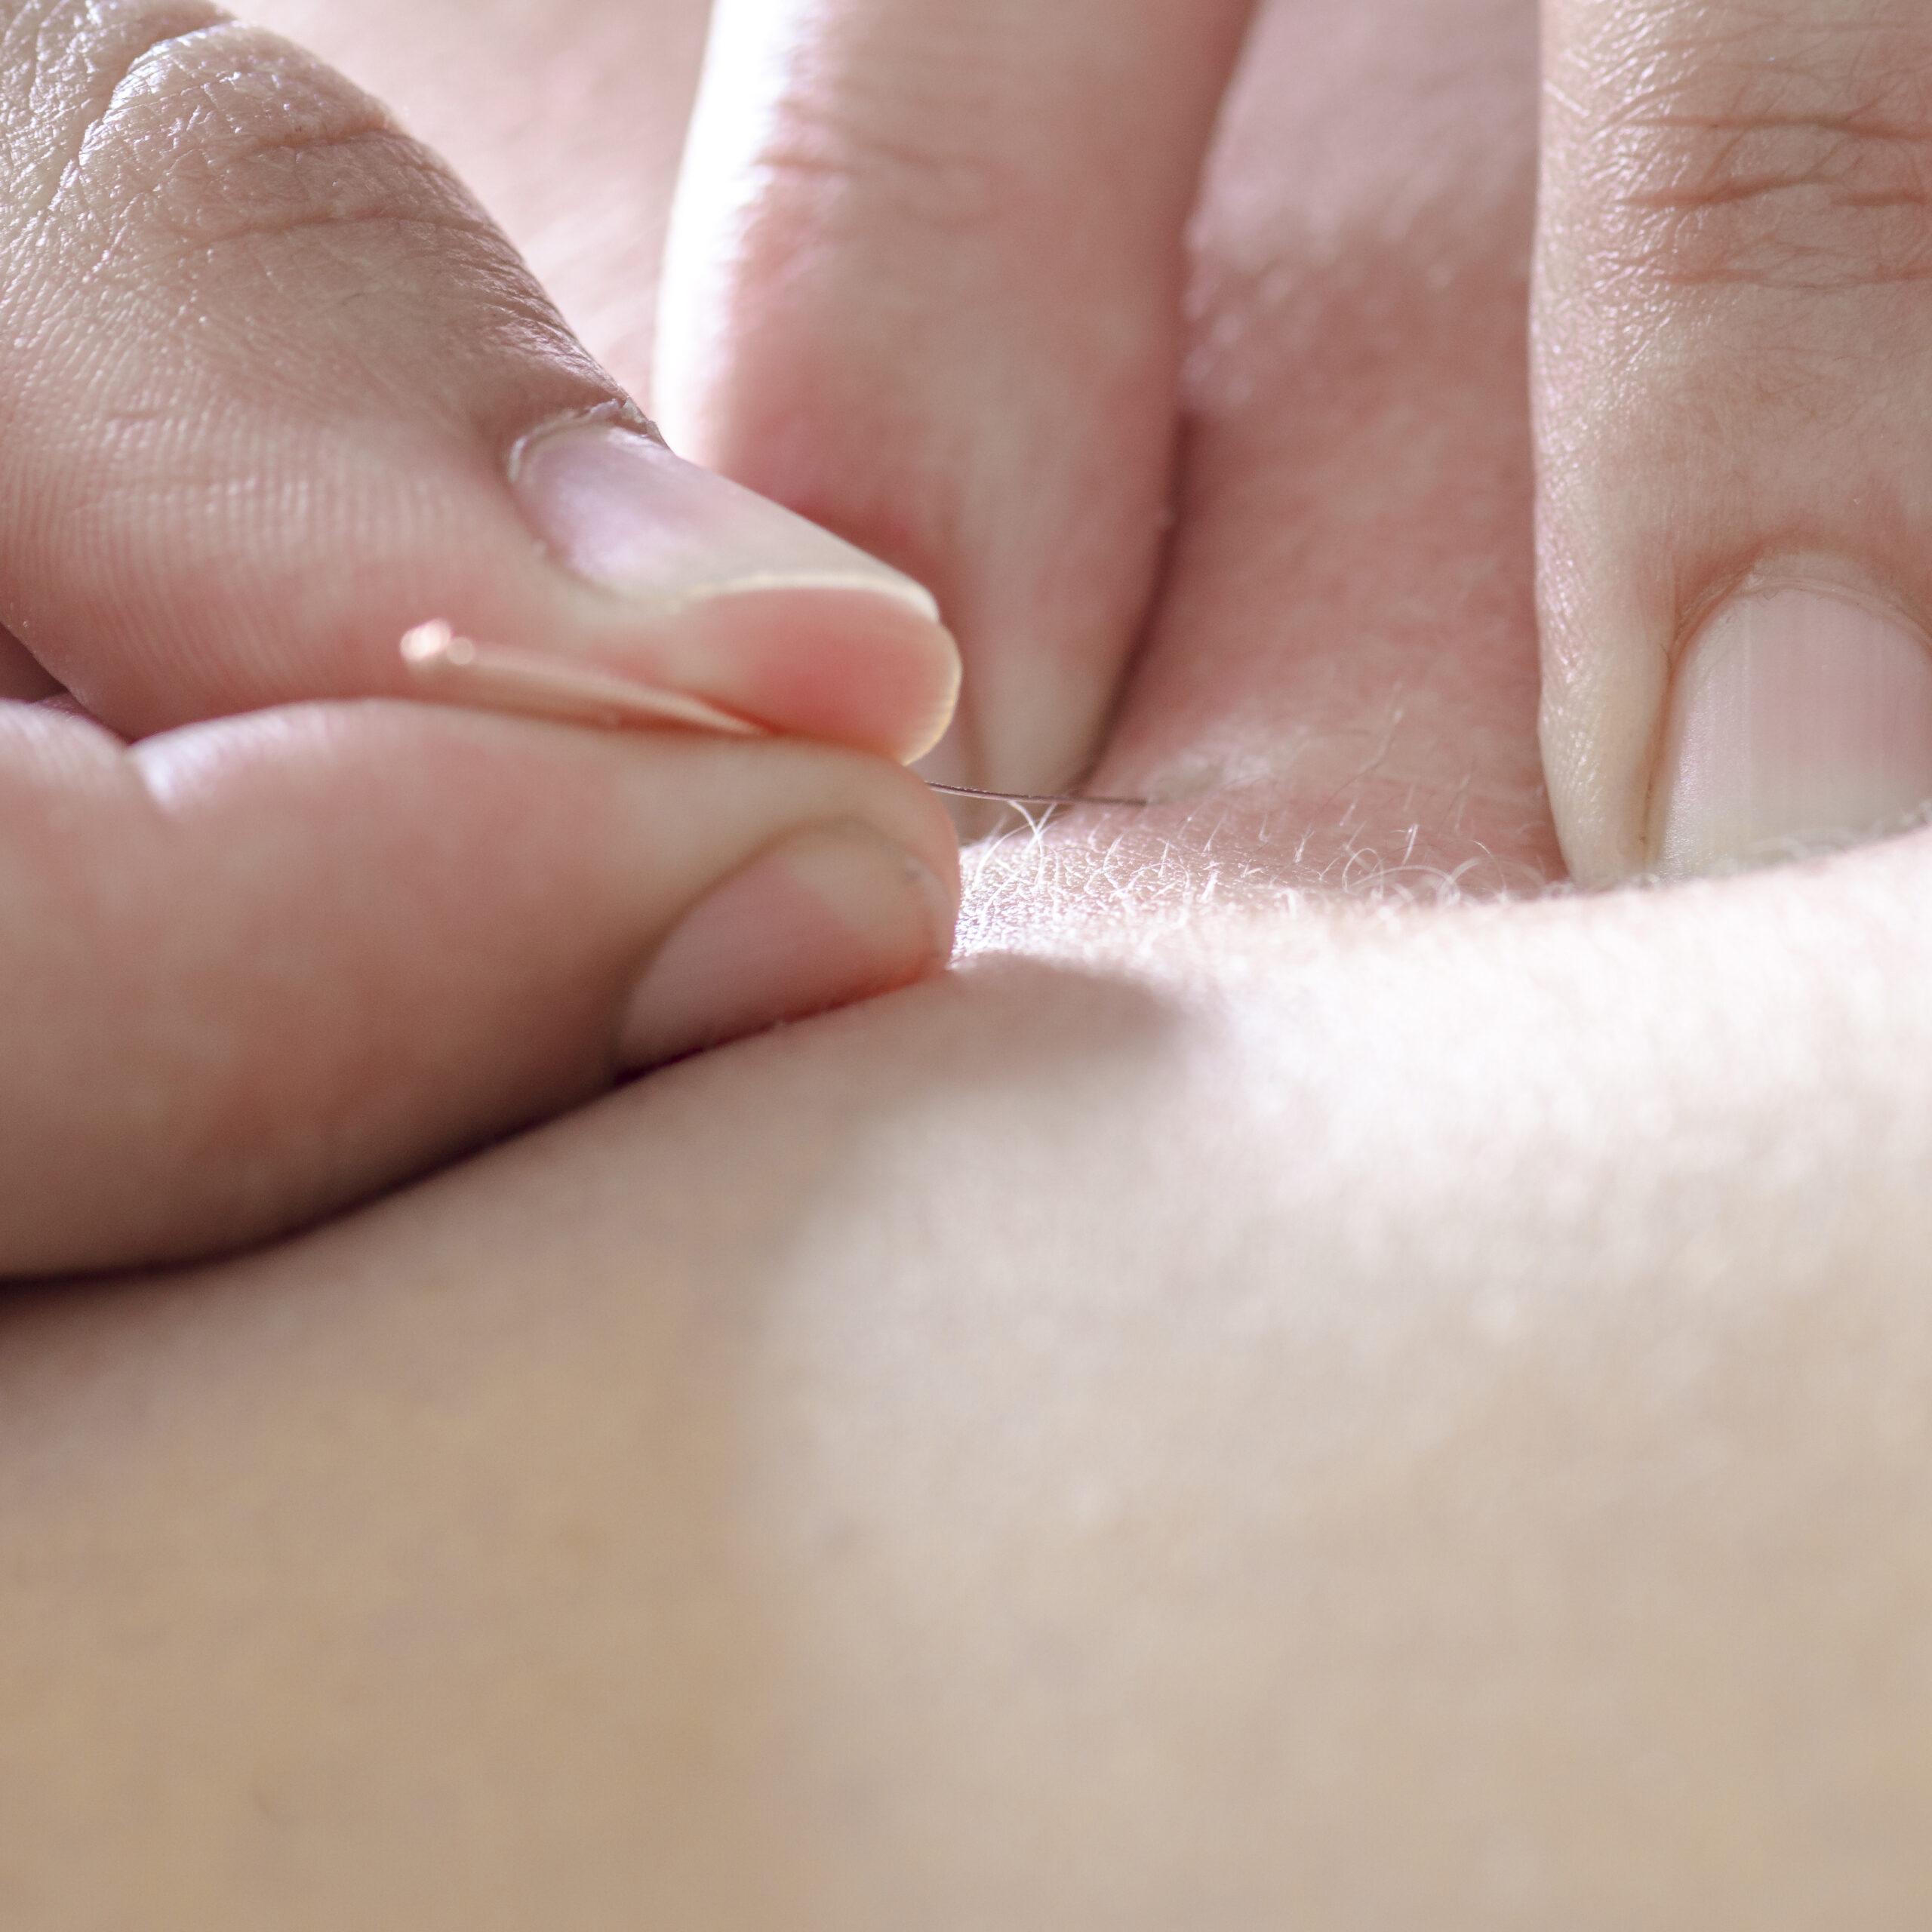 Physitoterapist / chiroprator doing a back massage. Osteopathy.